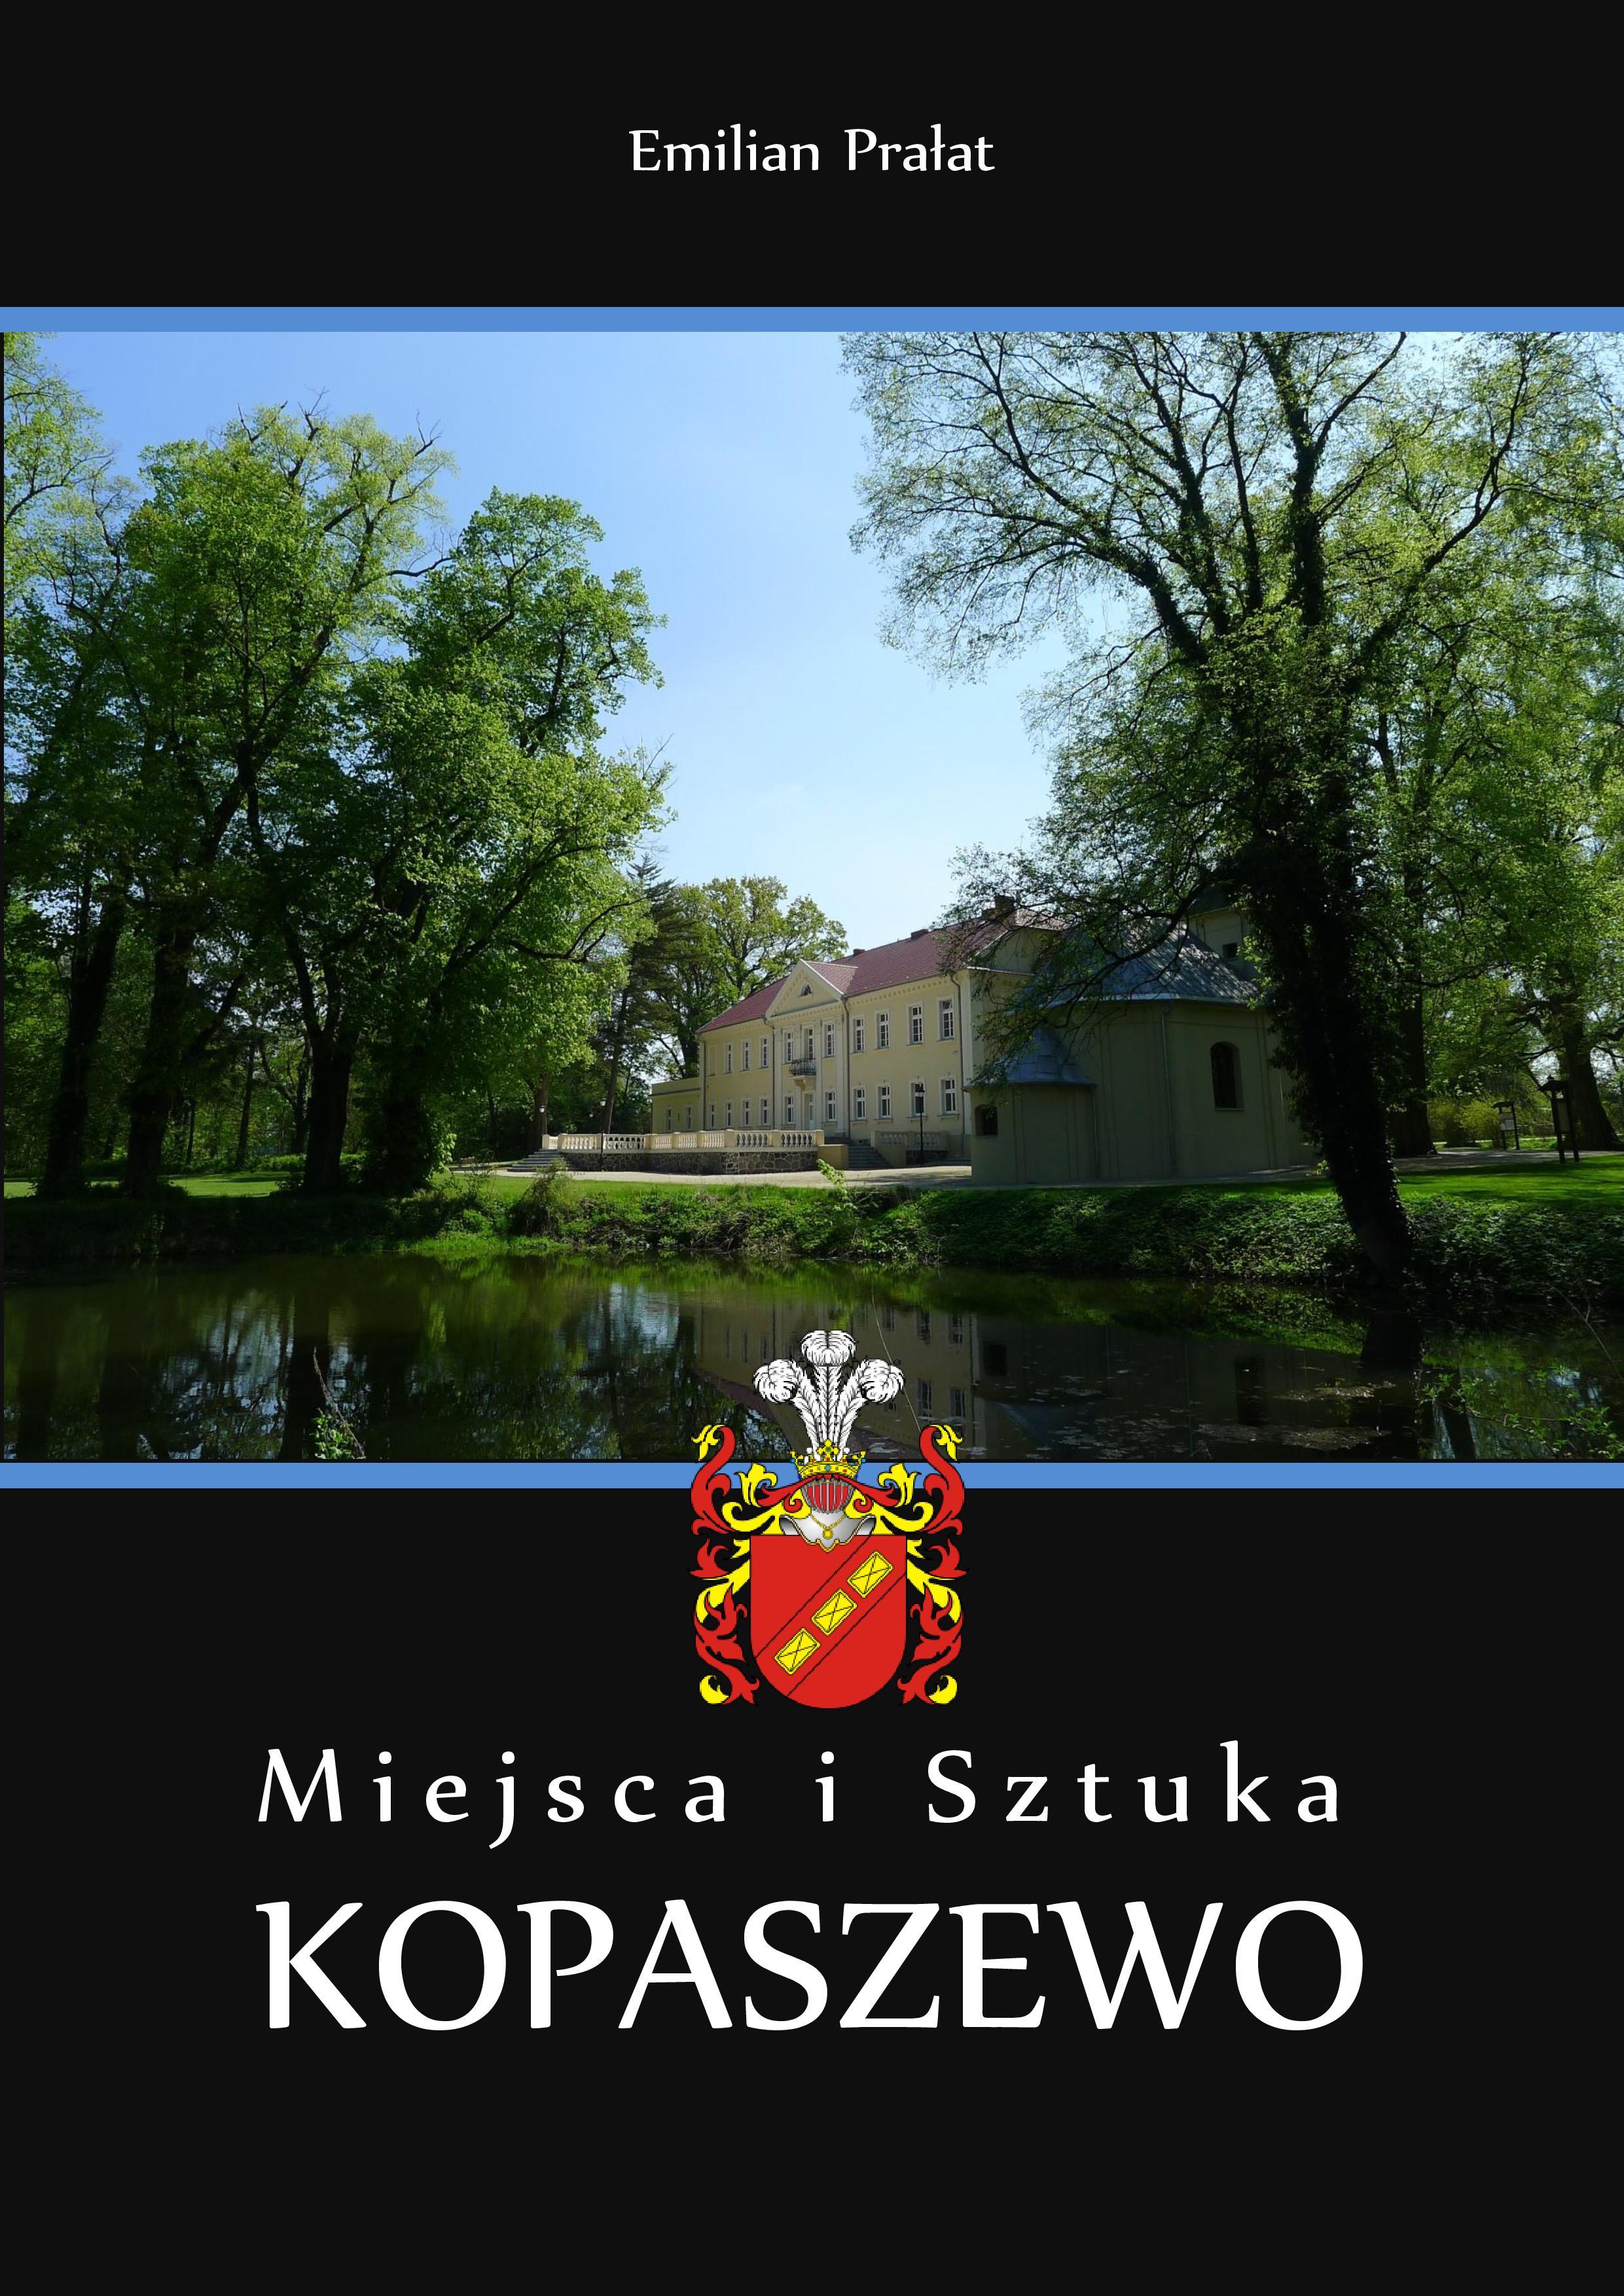 okładka-Kopaszewo